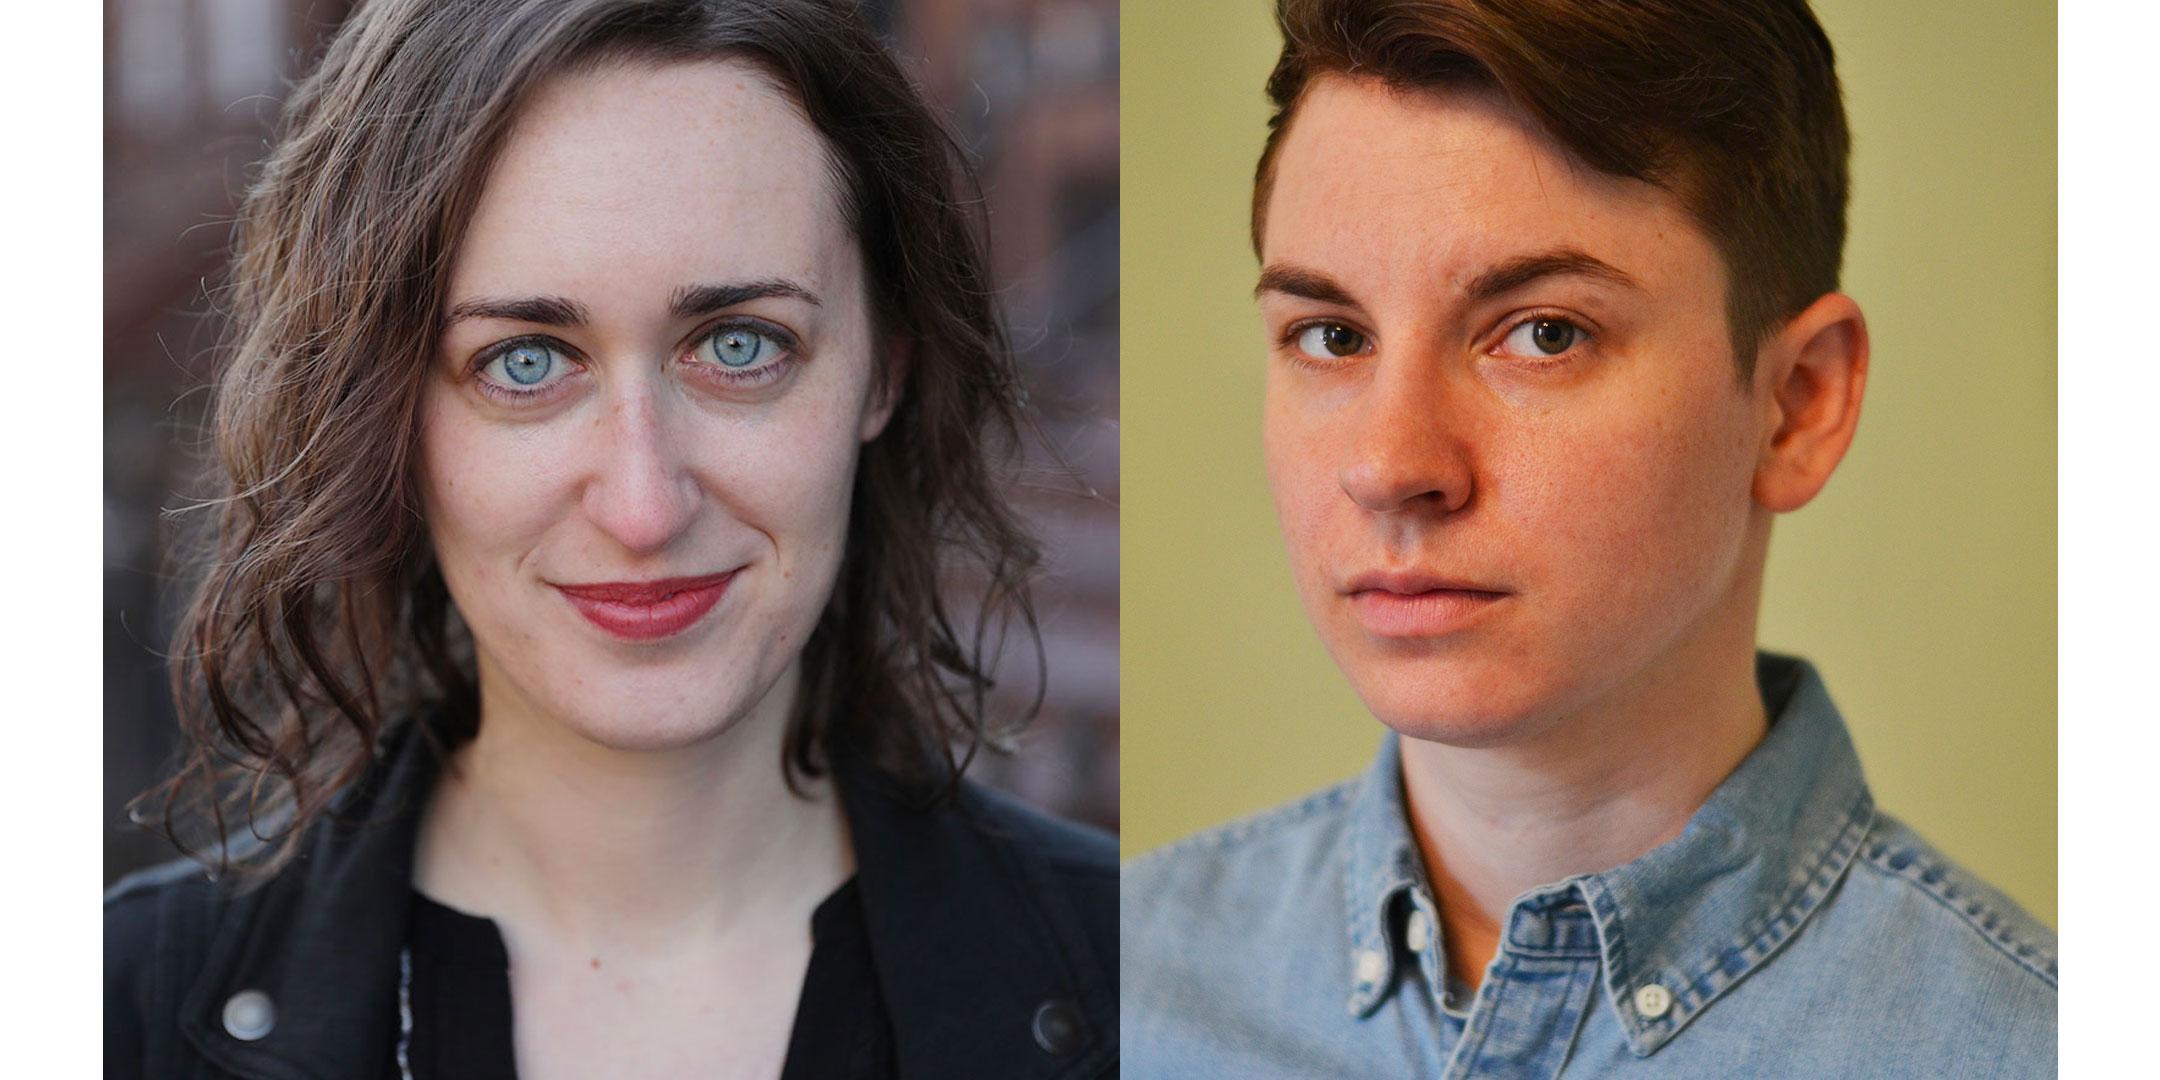 Pictured: Rachel Gita Karp and Lyam B. Gabel